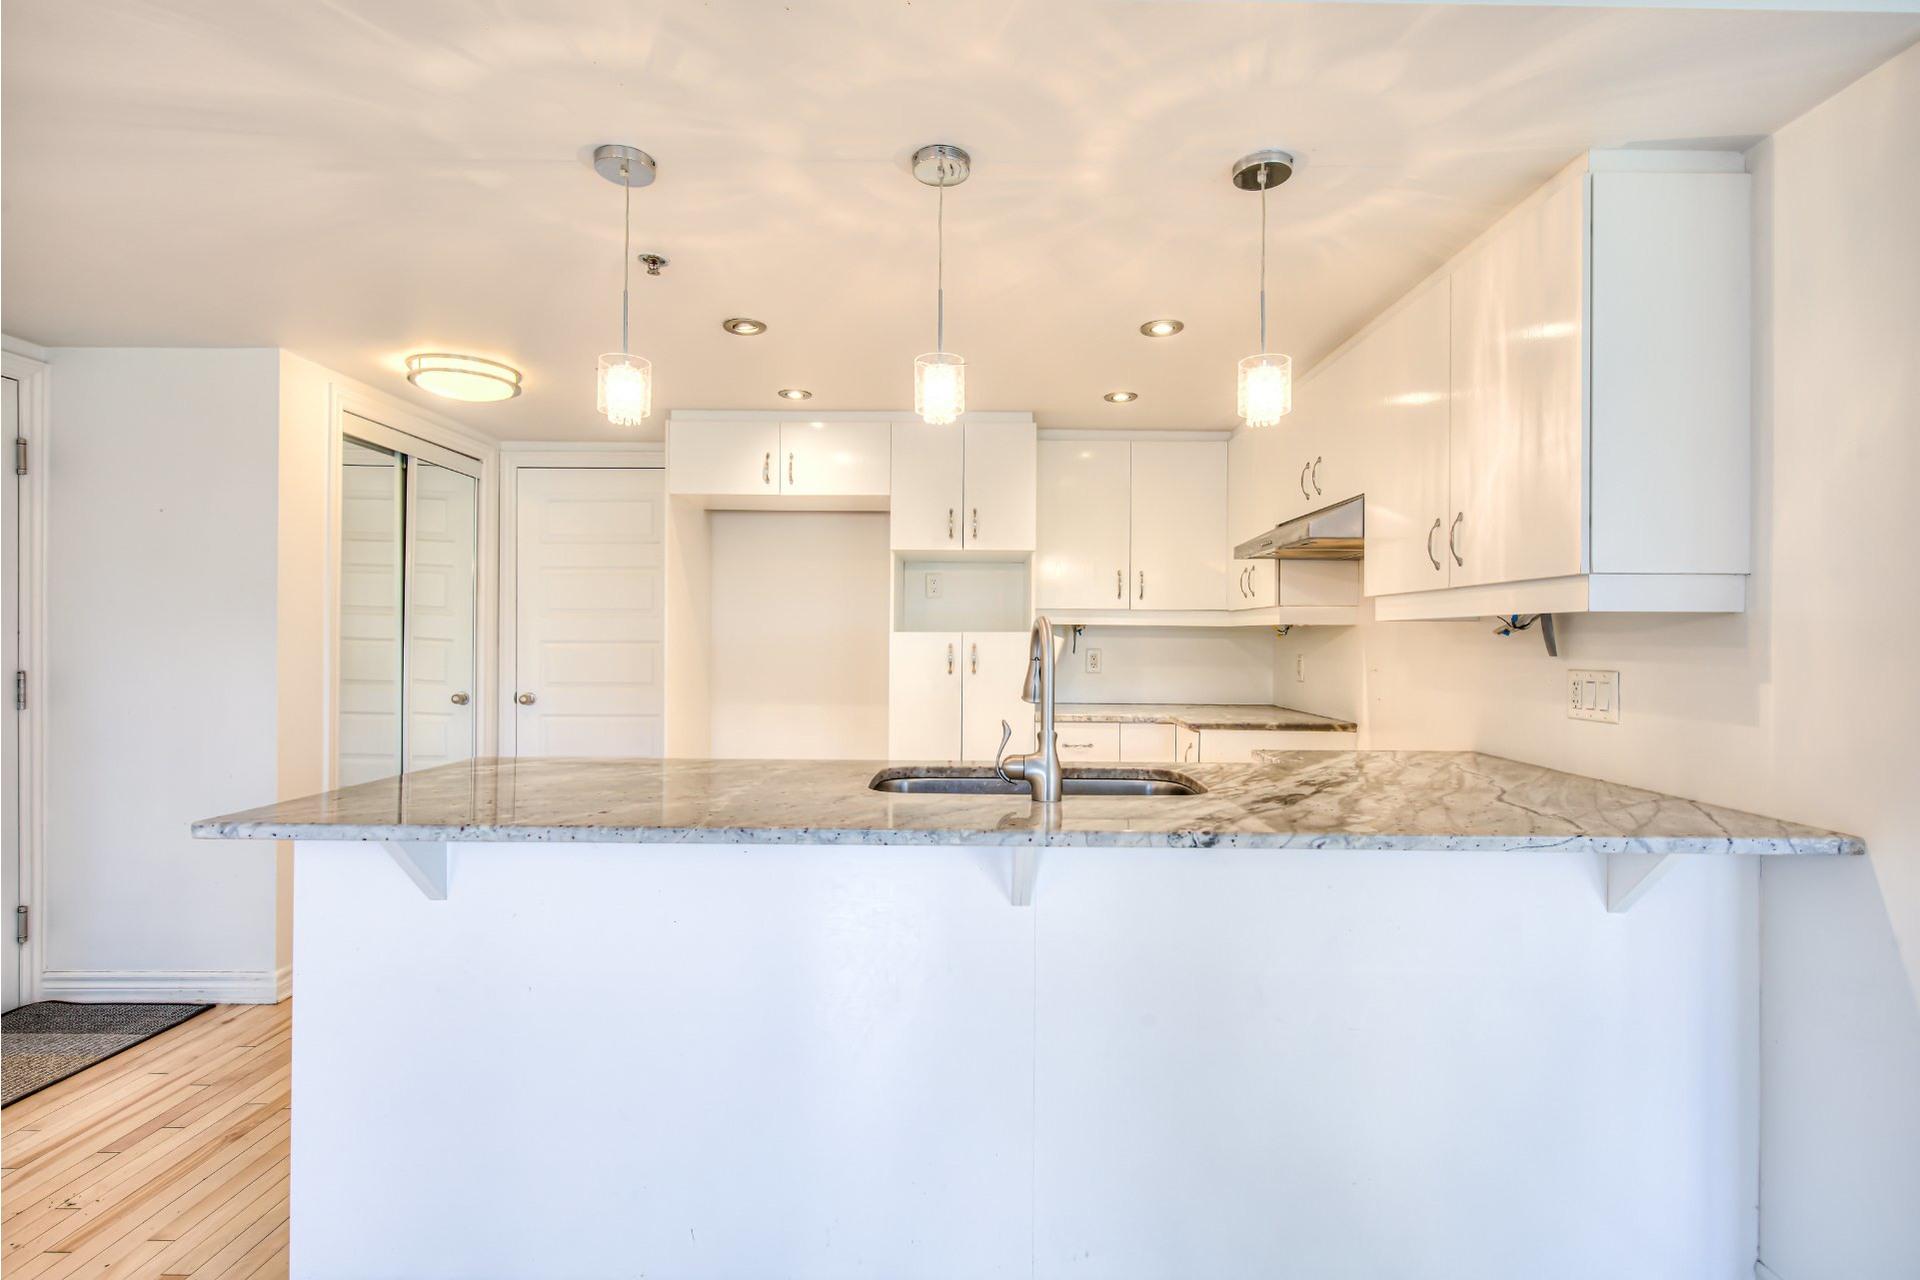 image 4 - Apartment For sale Saint-Laurent Montréal  - 6 rooms